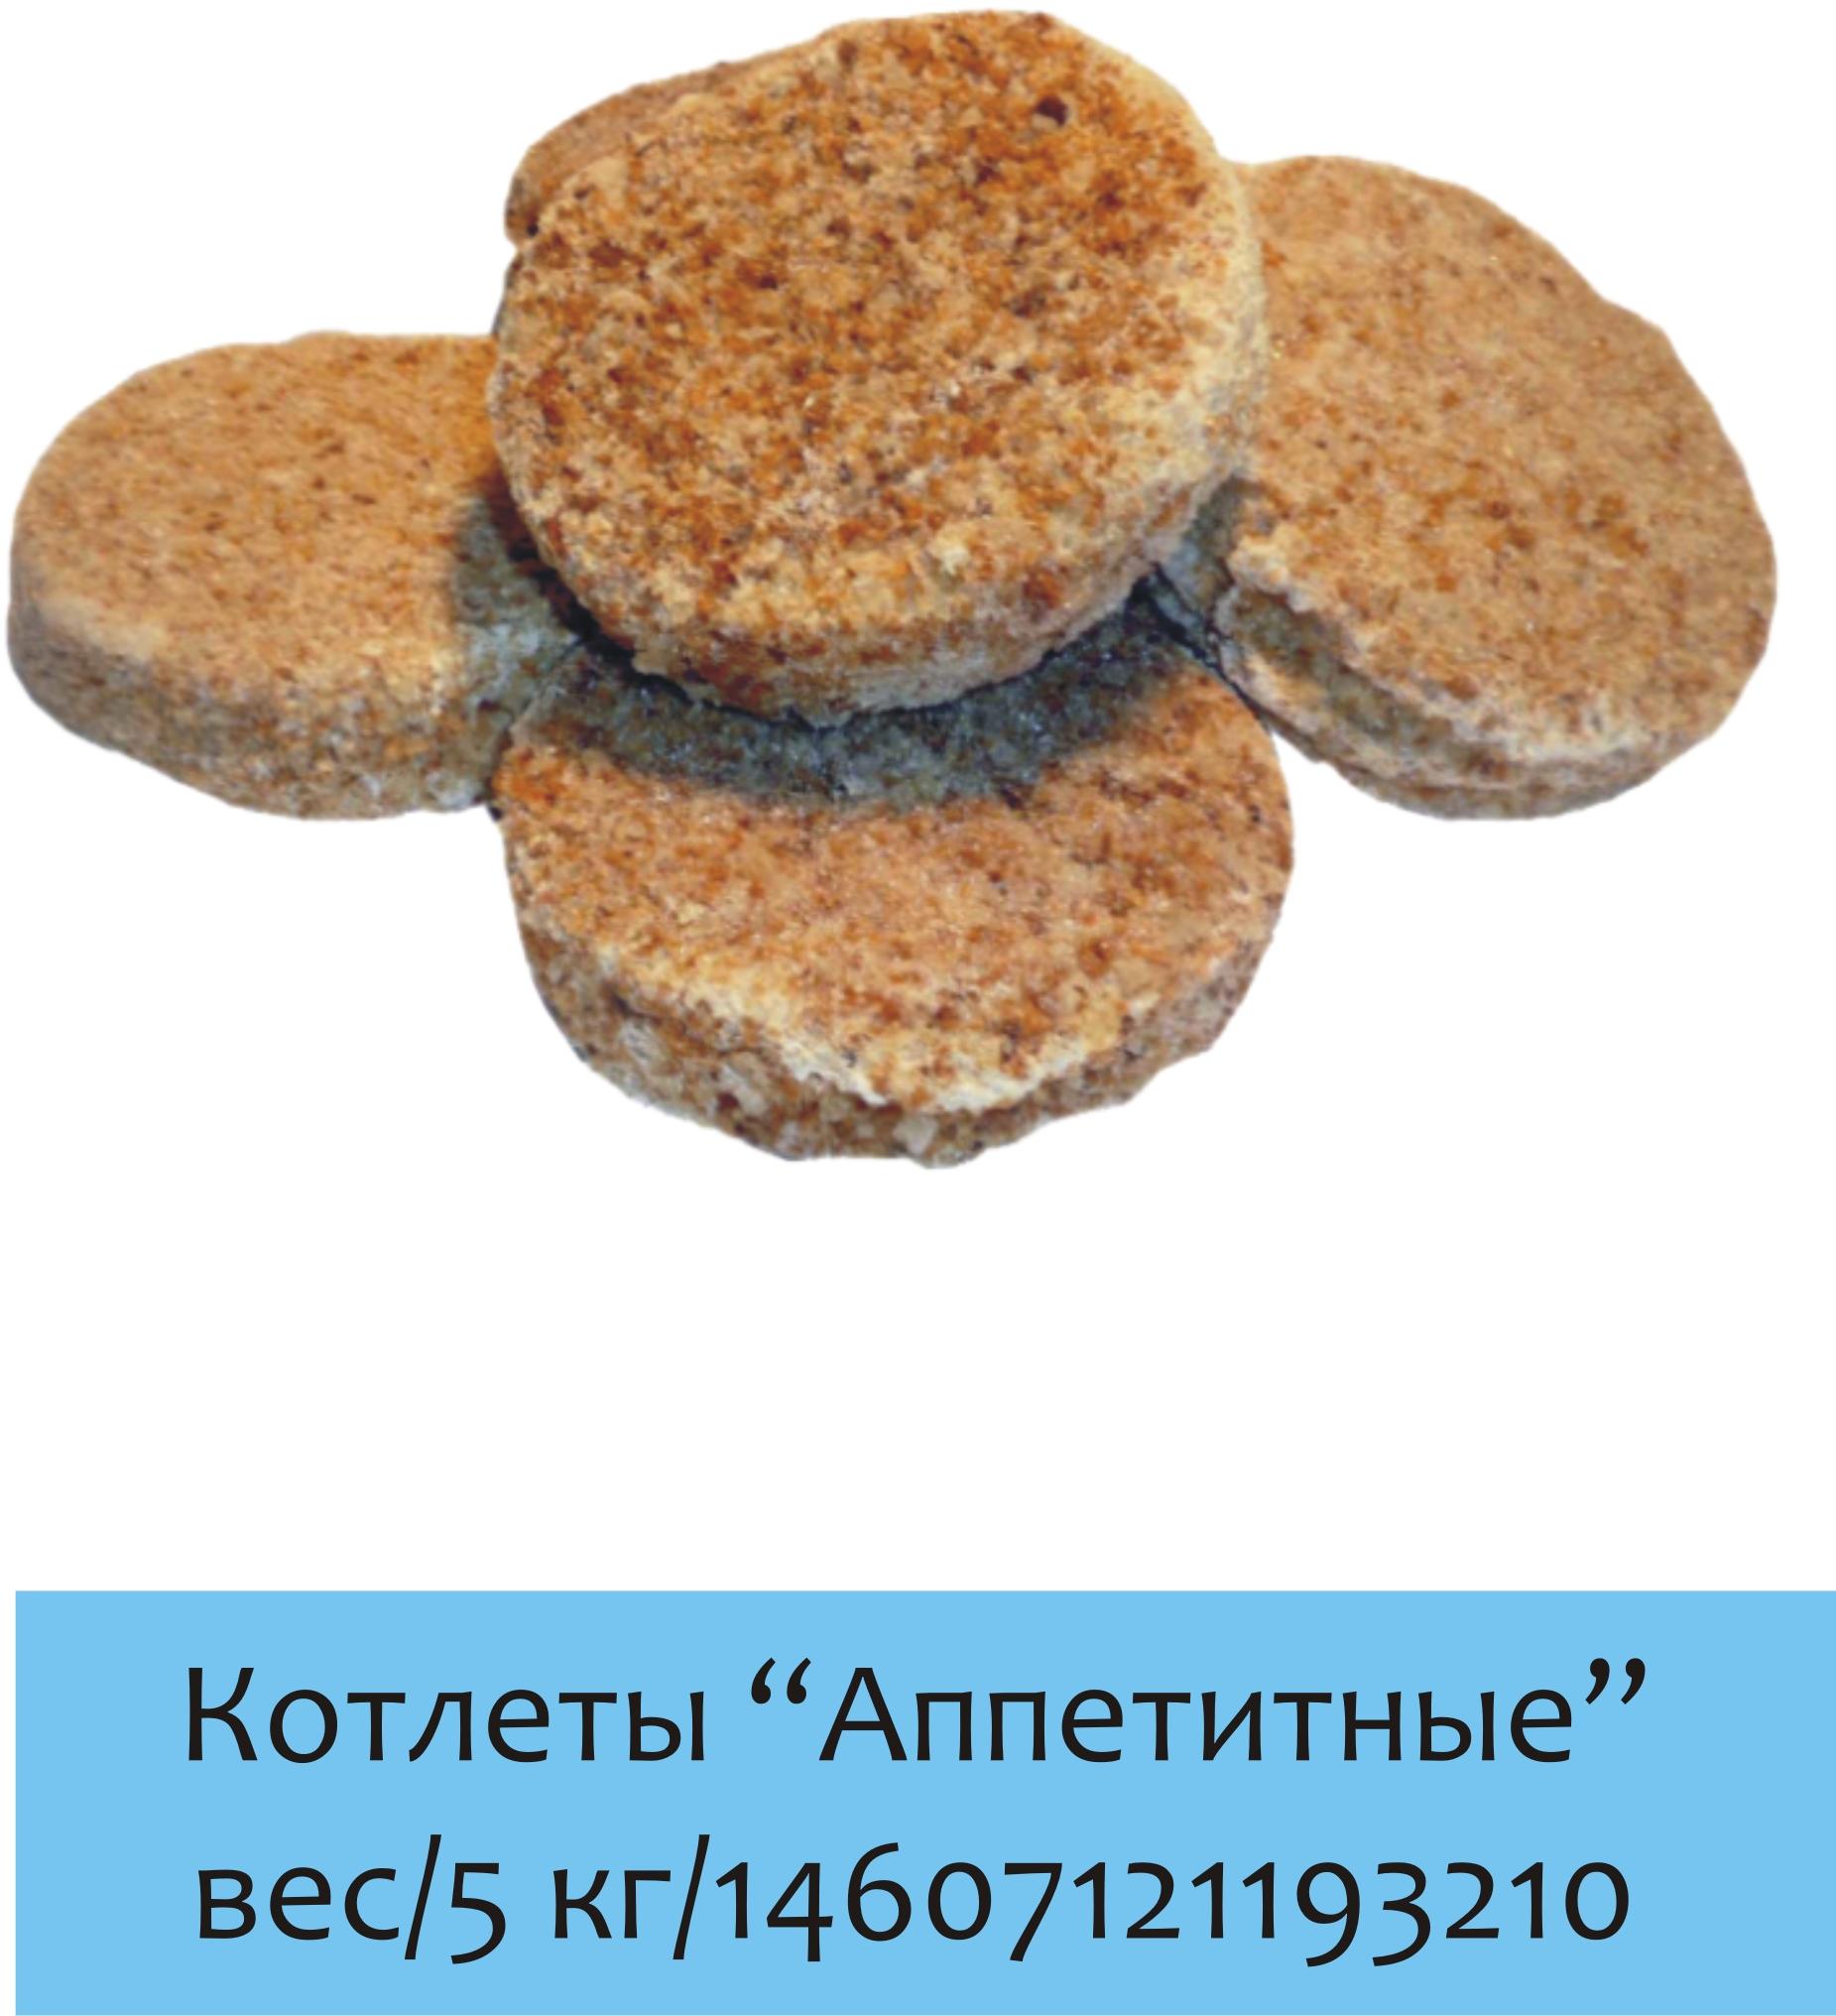 котлеты Аппетитные весовые